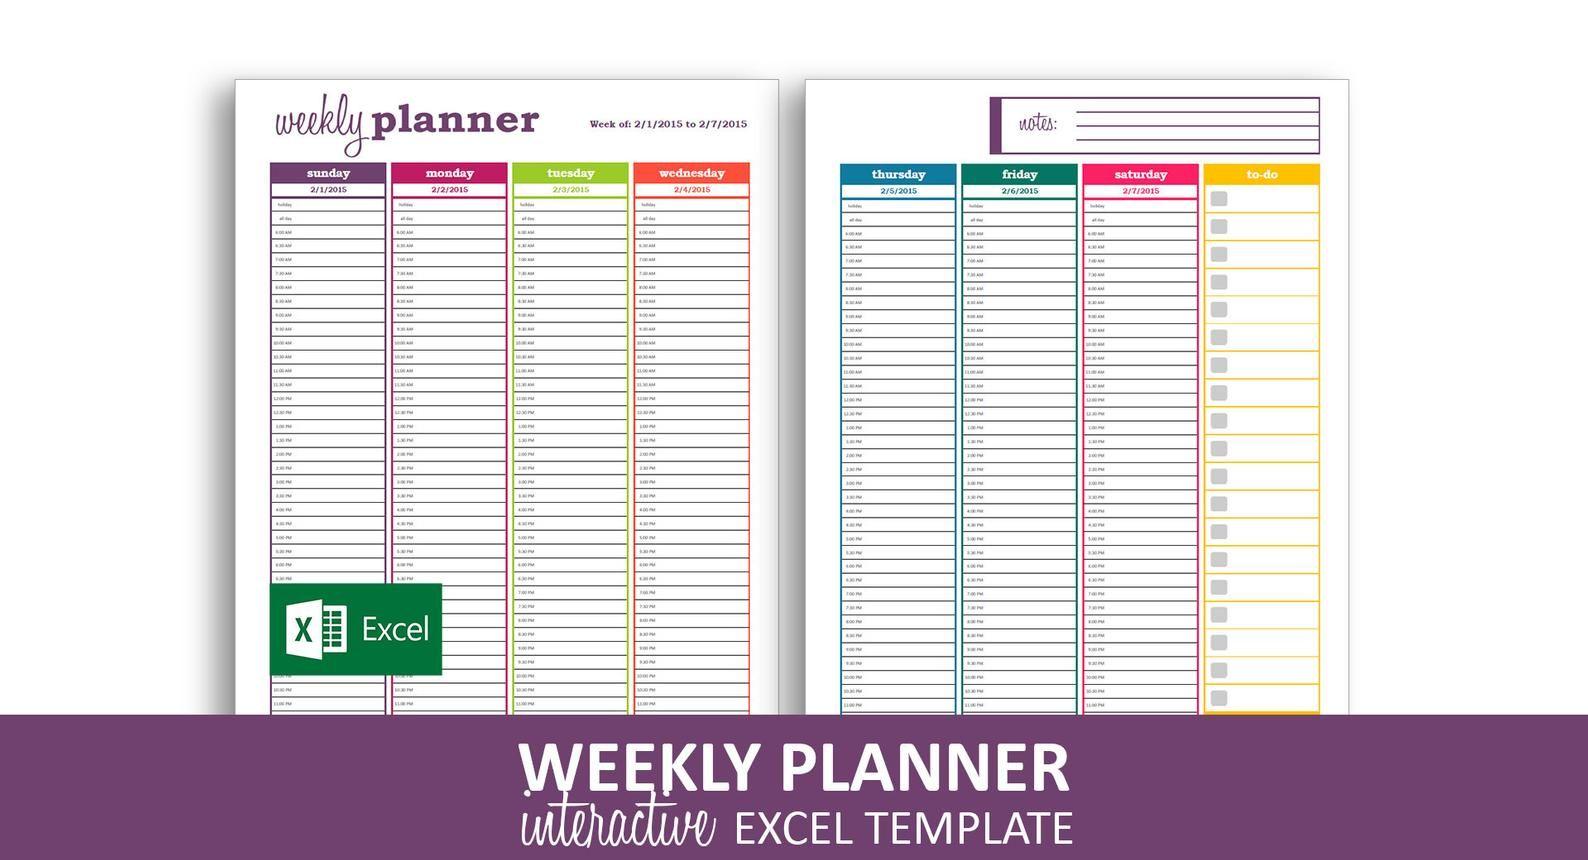 Dynamic Weekly Planner Excel Template Printable Weekly